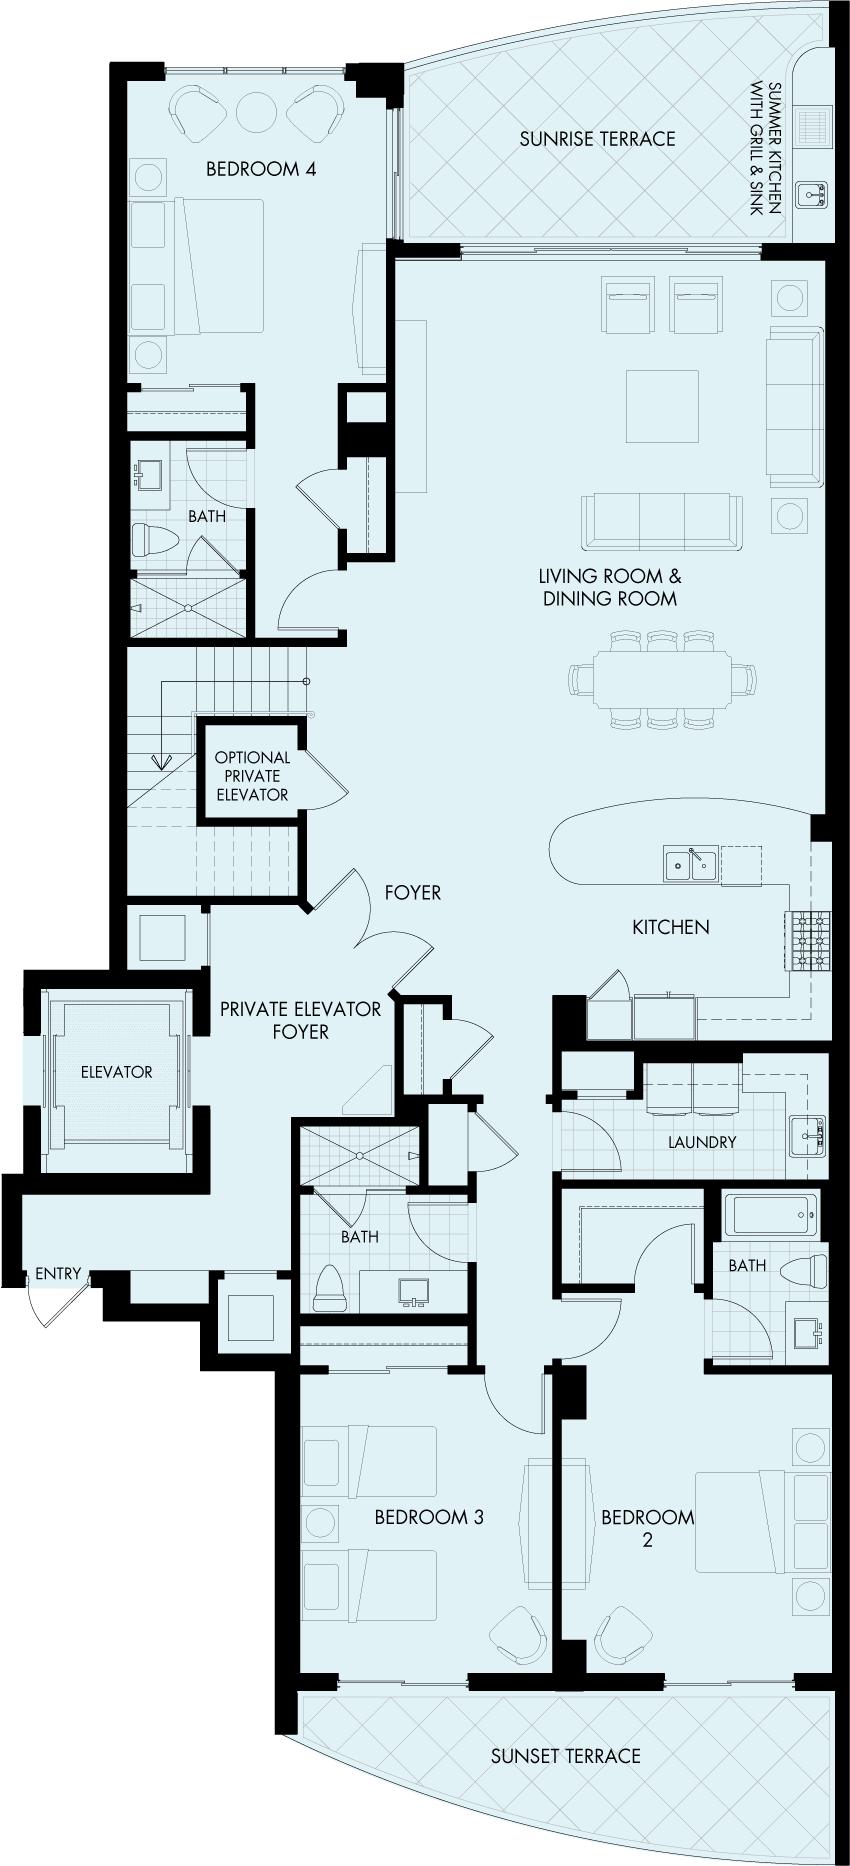 St Kitts Charleston Penthouse floorplan Gulf front condo